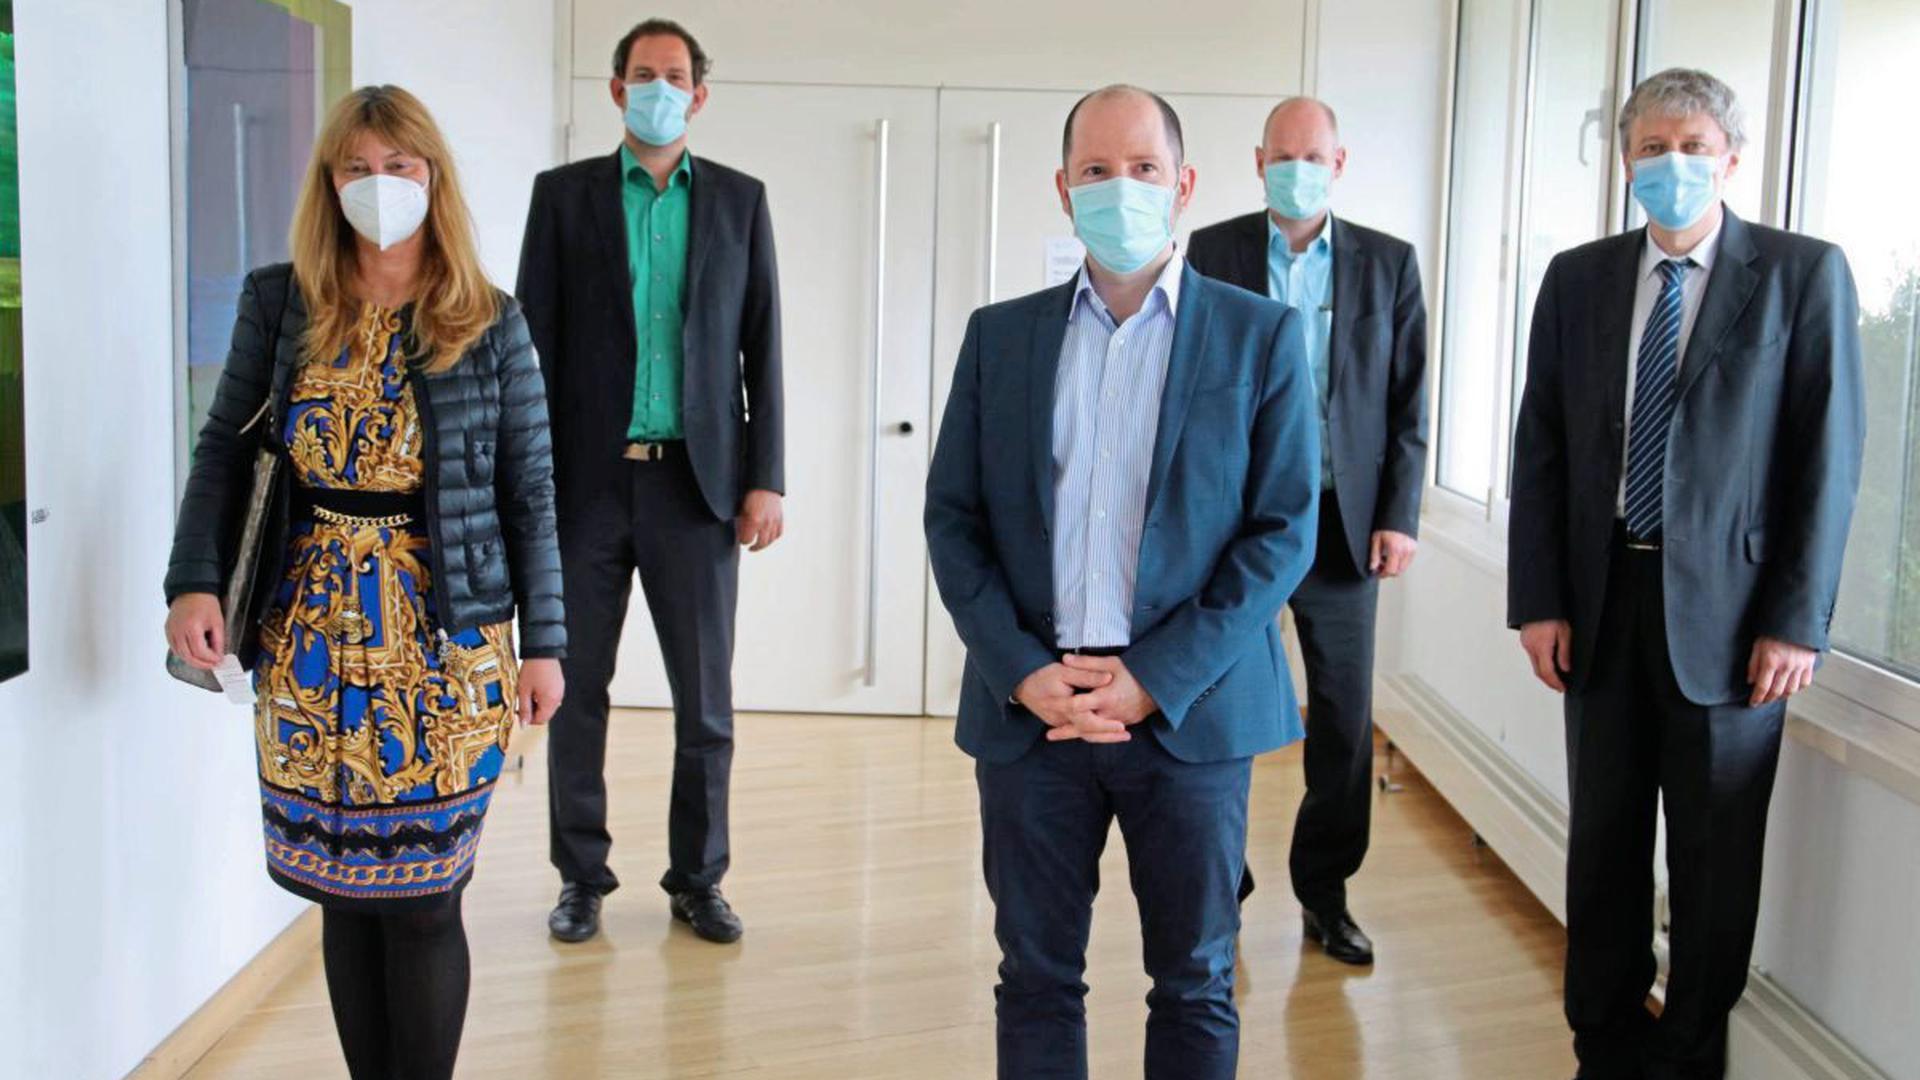 Auftritt im Landratsamt: Oana Krichbaum, Bastian Rosenau, Daniel Sailer und Dirk Büscher begleiten Konsul Radu Florea (von links) zur Pressekonferenz.